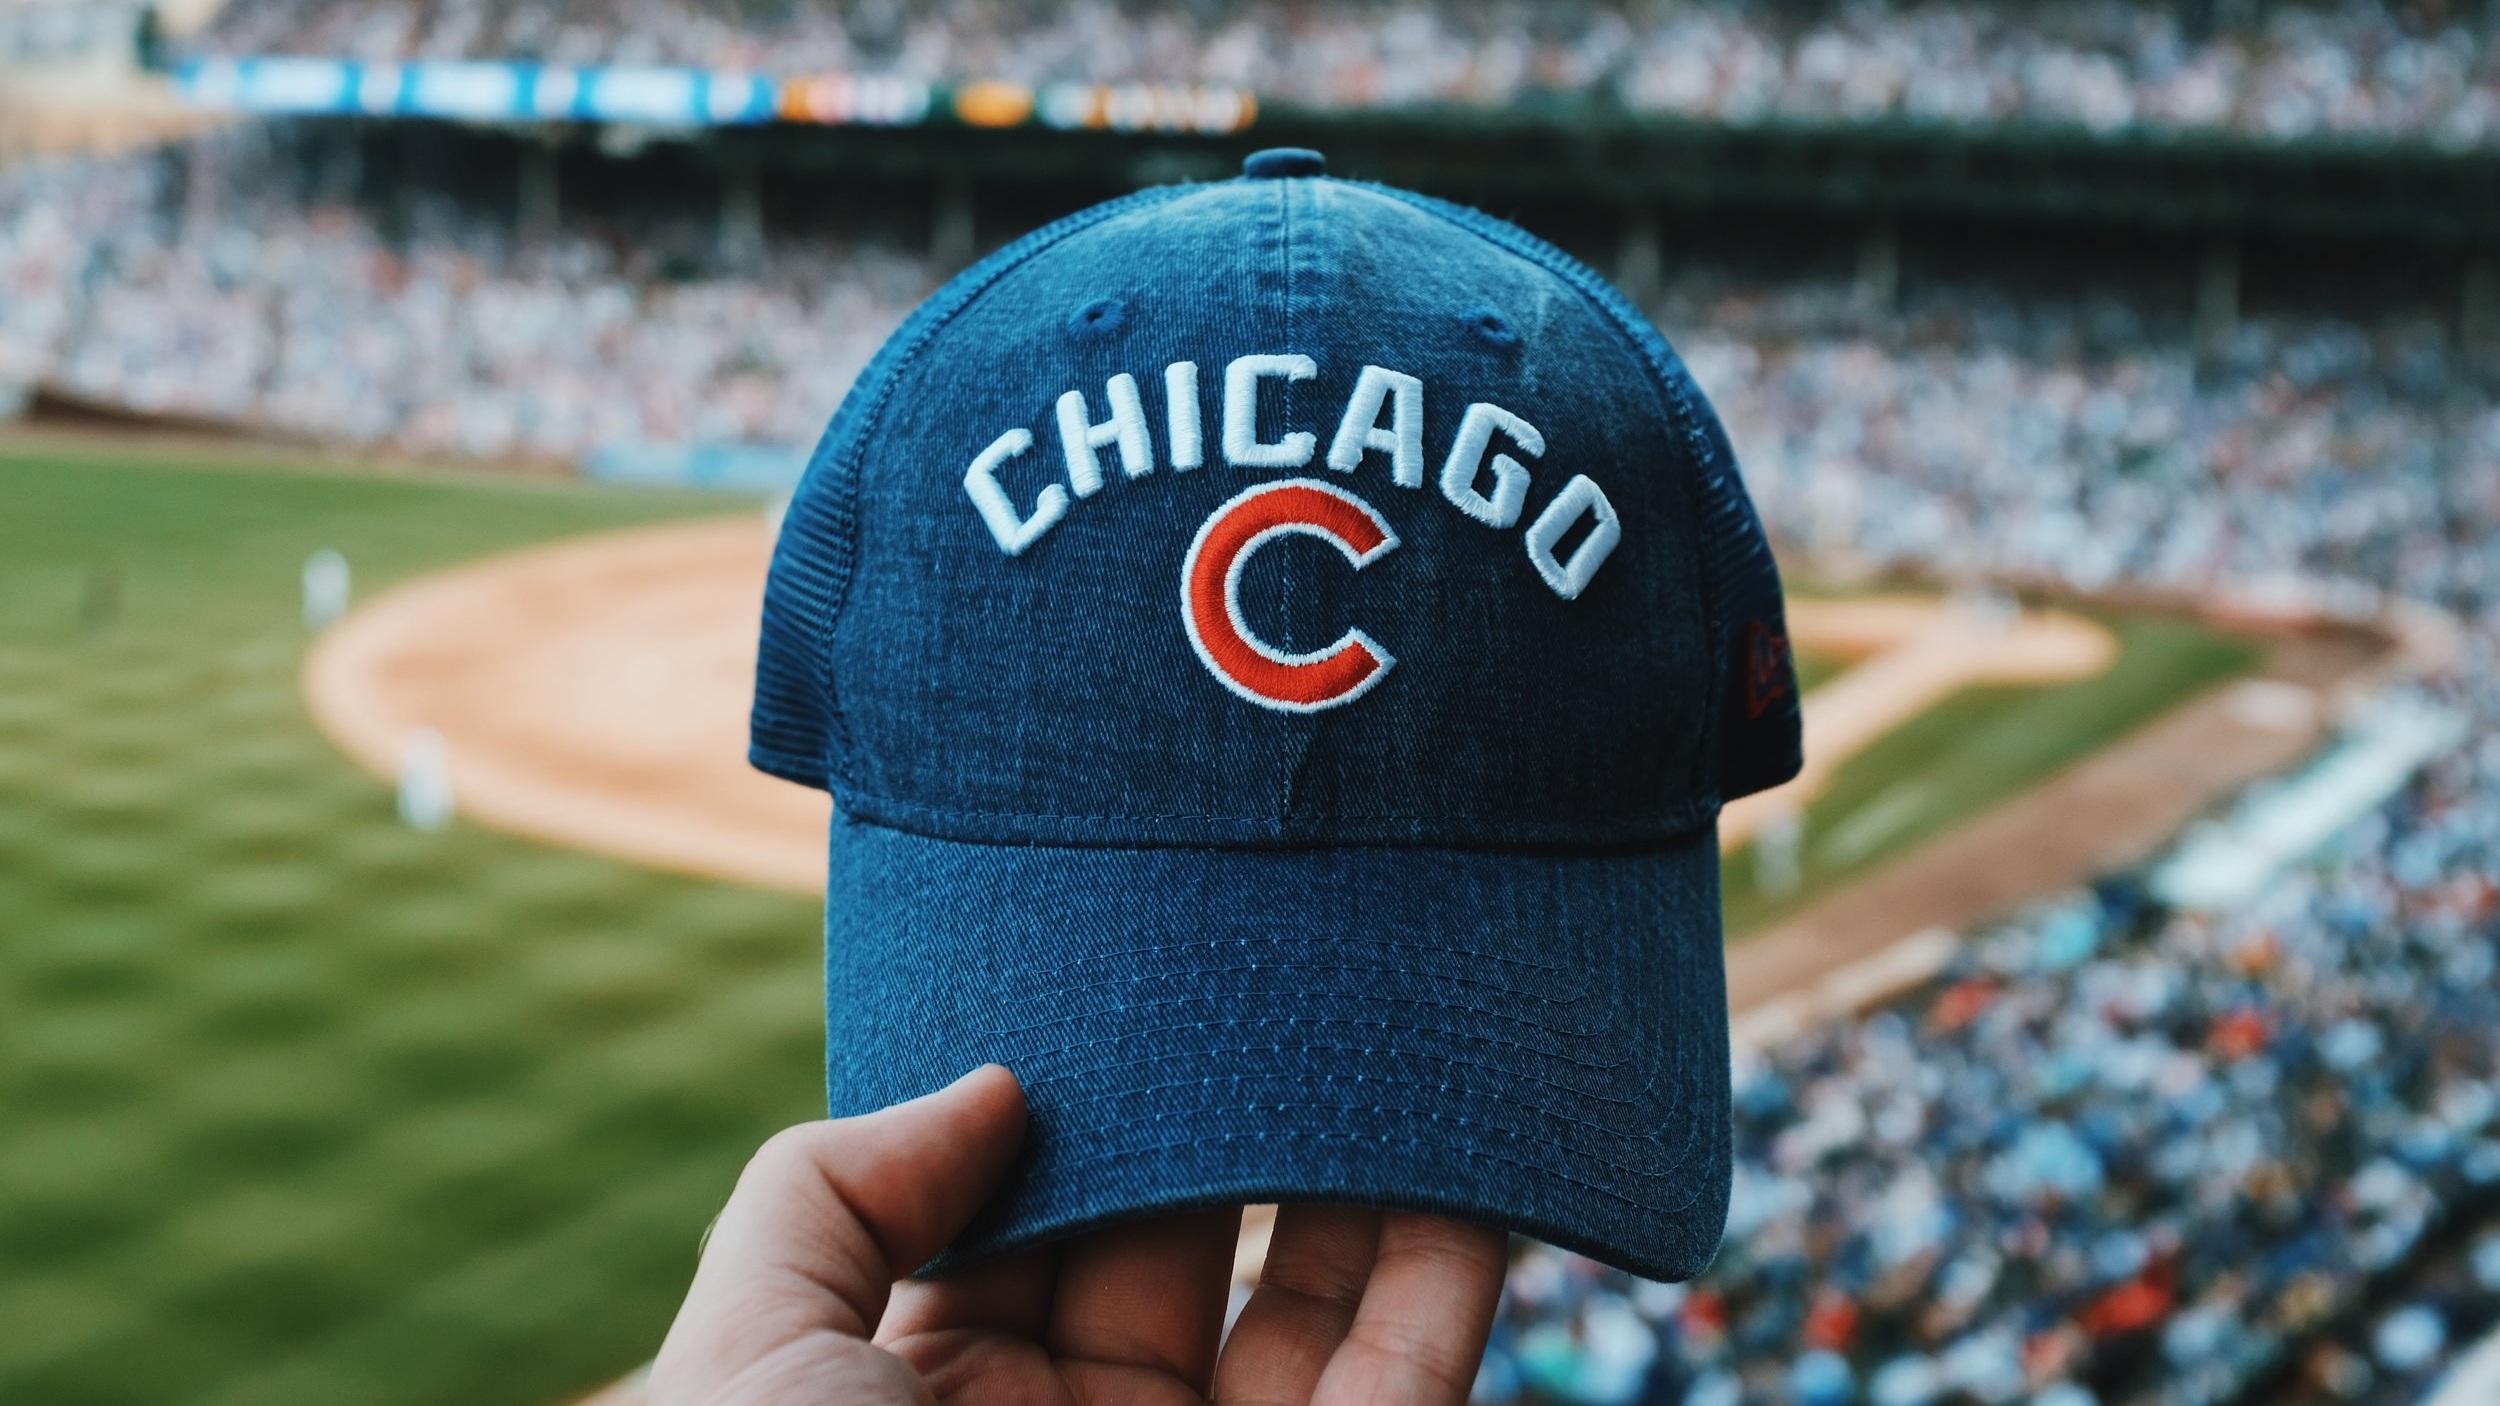 Sportupplevelser   Chicago är hem för flera framgångsrika sportlag. NHL-laget Chicago Blackhawks har totalt sex Stanley Cup-titlar, den senaste 2015. Chicago Cubs i MLB har vunnit tre World Series, den senaste 2016 och Chicago White Sox, även dem hemmahörande i MLB har tre titlar. I MLS återfinns Chicago Fire och i NFL Chicago Bears. Chicago Bulls, som kanske är mest känt för att ha varit Michael Jordans lag, huserar i NBA.